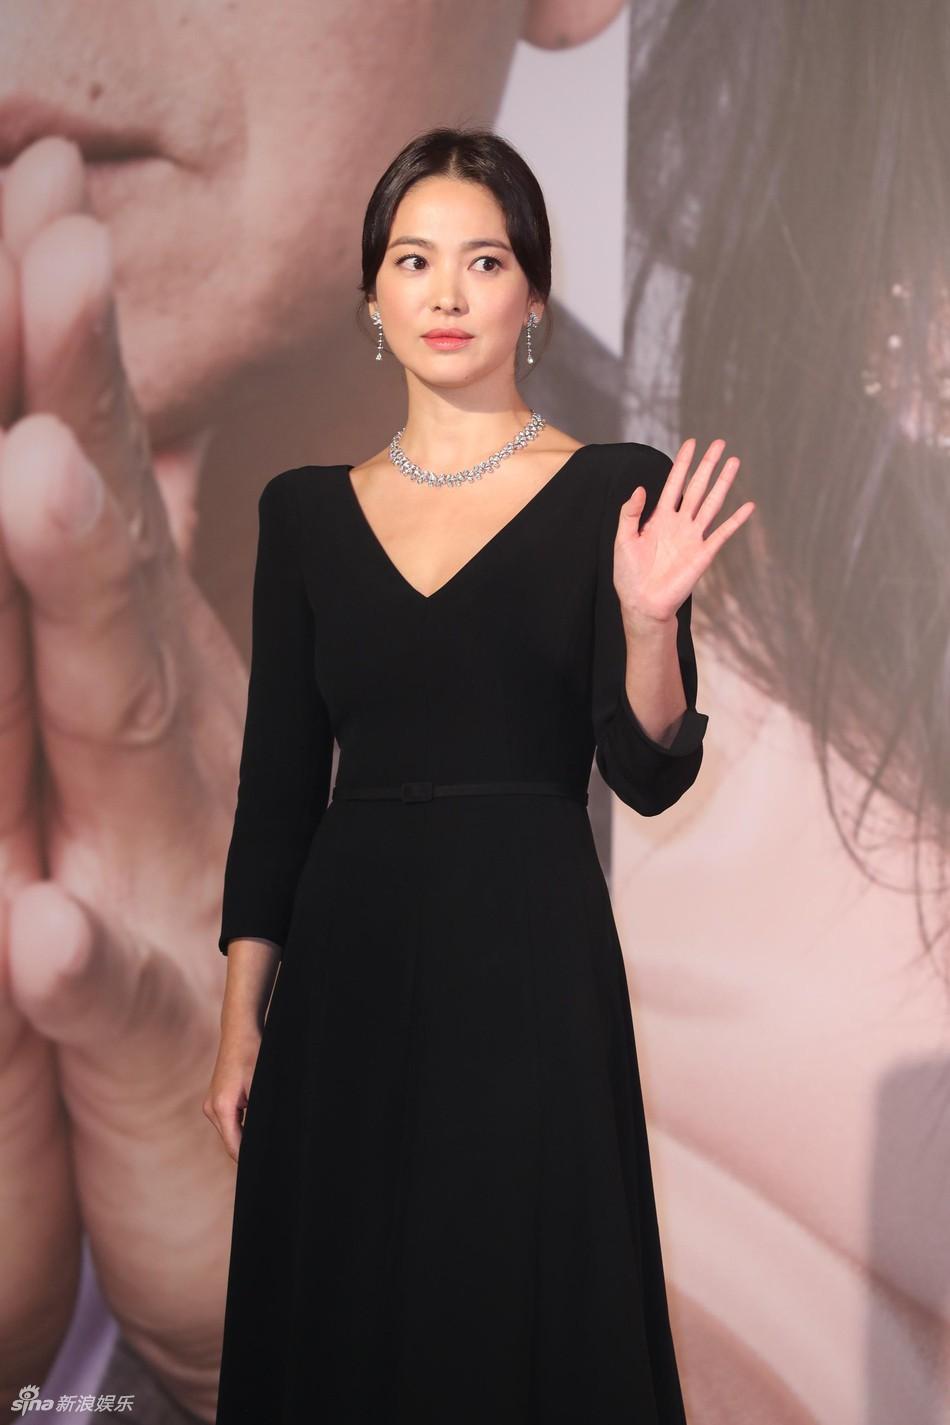 Kiên quyết giấu nhẫn cưới, Song Hye Kyo bất ngờ tiết lộ có con với Vương Gia Vệ tại Kim Tượng - Ảnh 3.